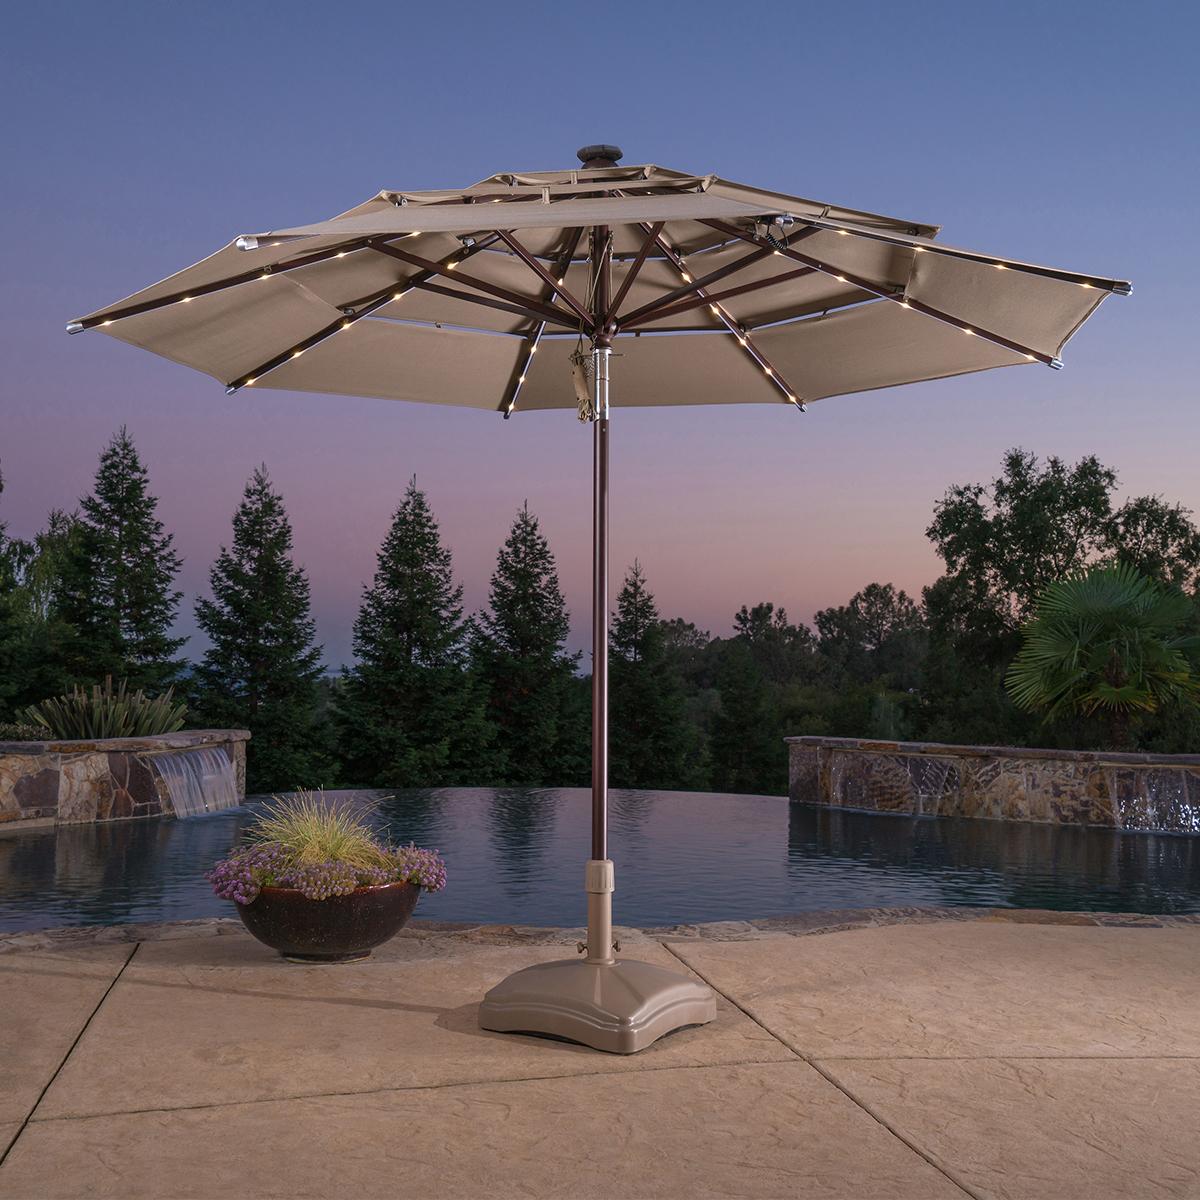 11 呎戶外 LED 遮陽傘